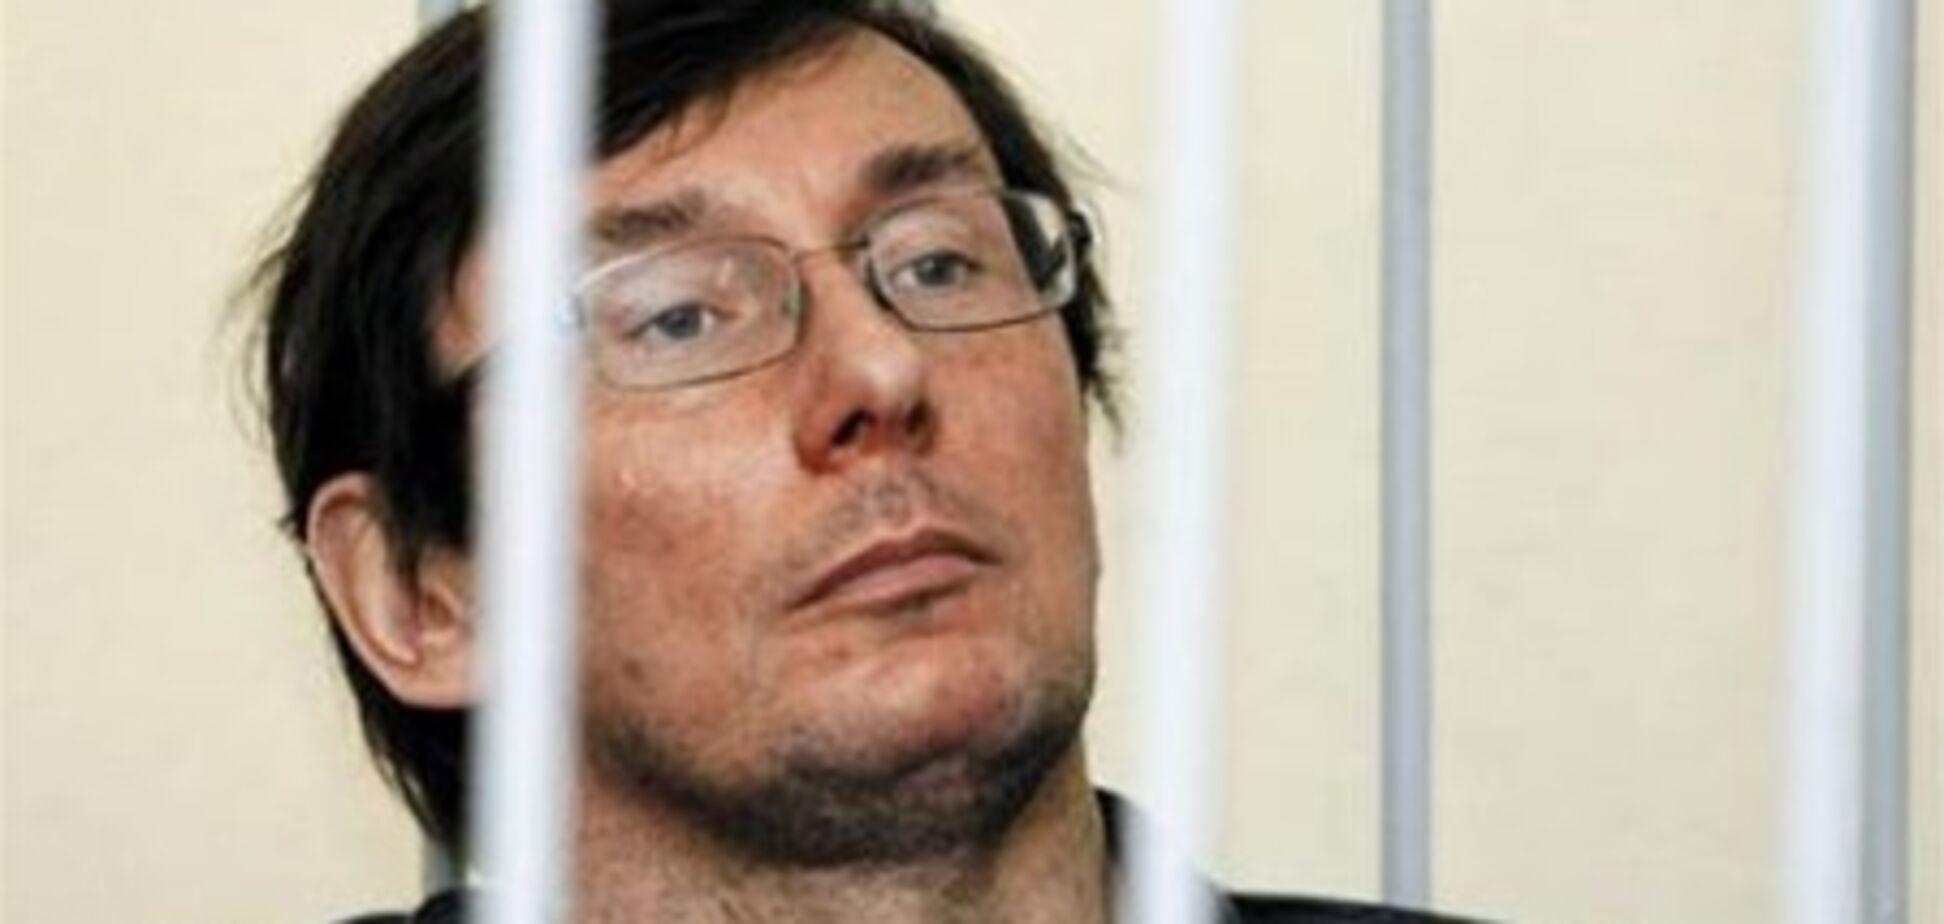 ГПтС: Луценко еще недостаточно болен, чтобы выйти на волю